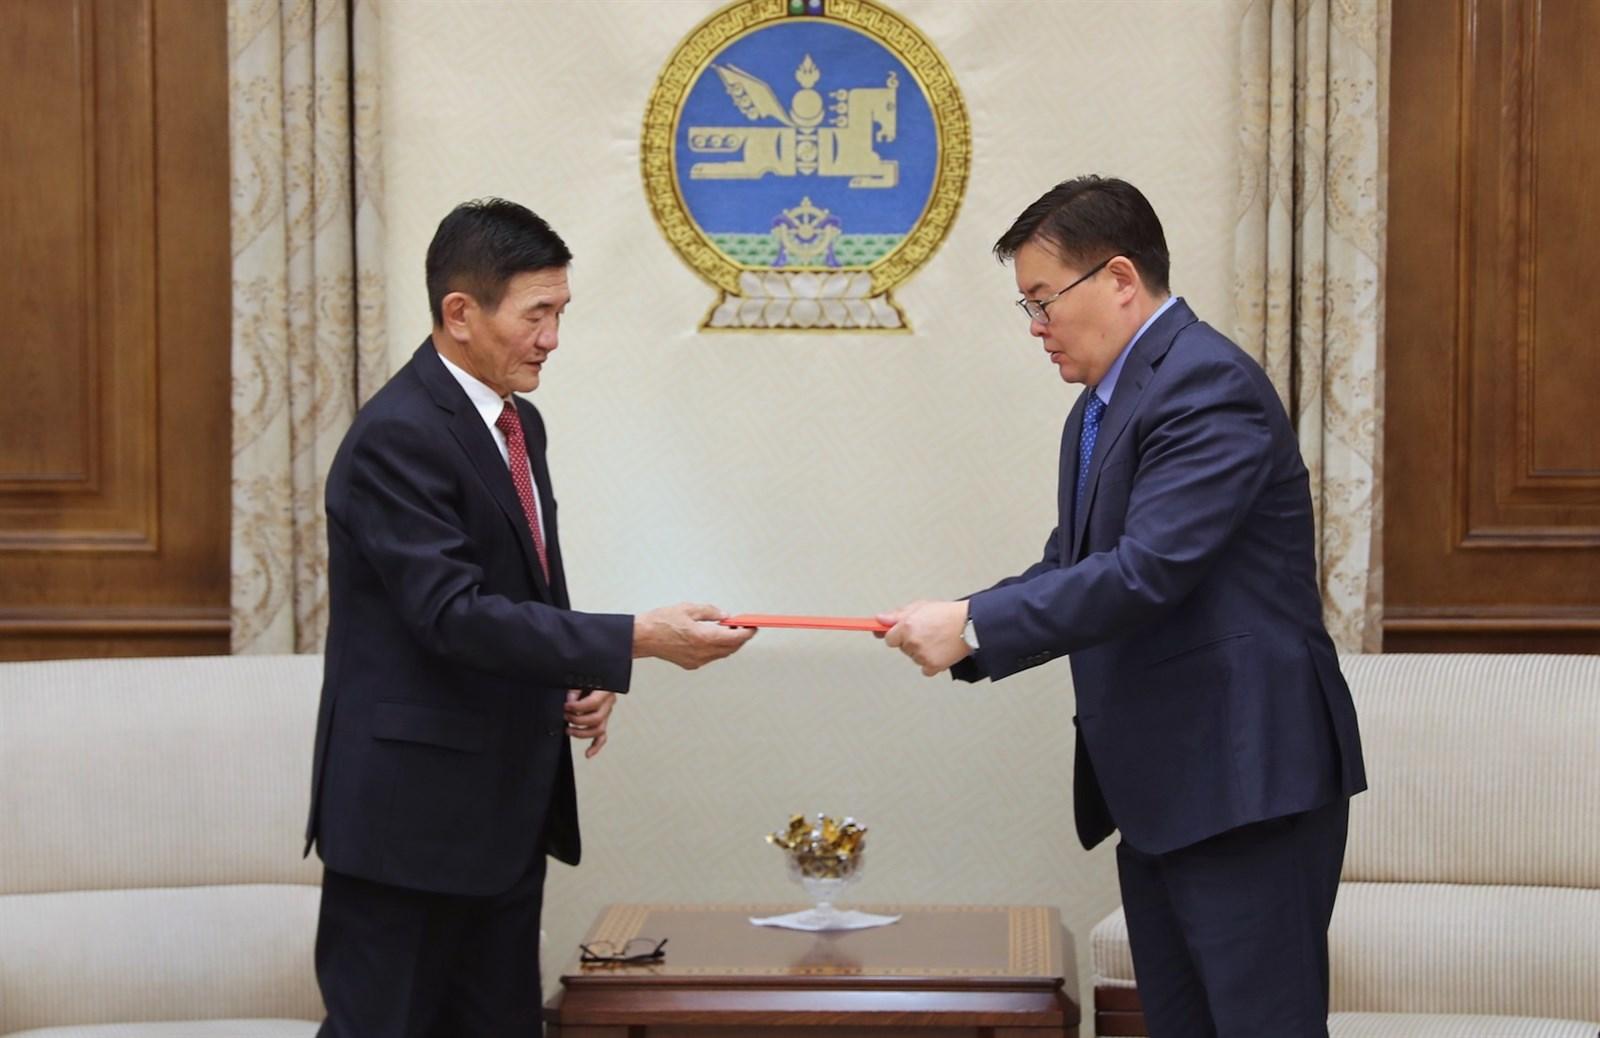 Монгол Улсын иргэн гадаадад зорчих, цагаачлах тухай хуулийн төсөл өргөн барилаа